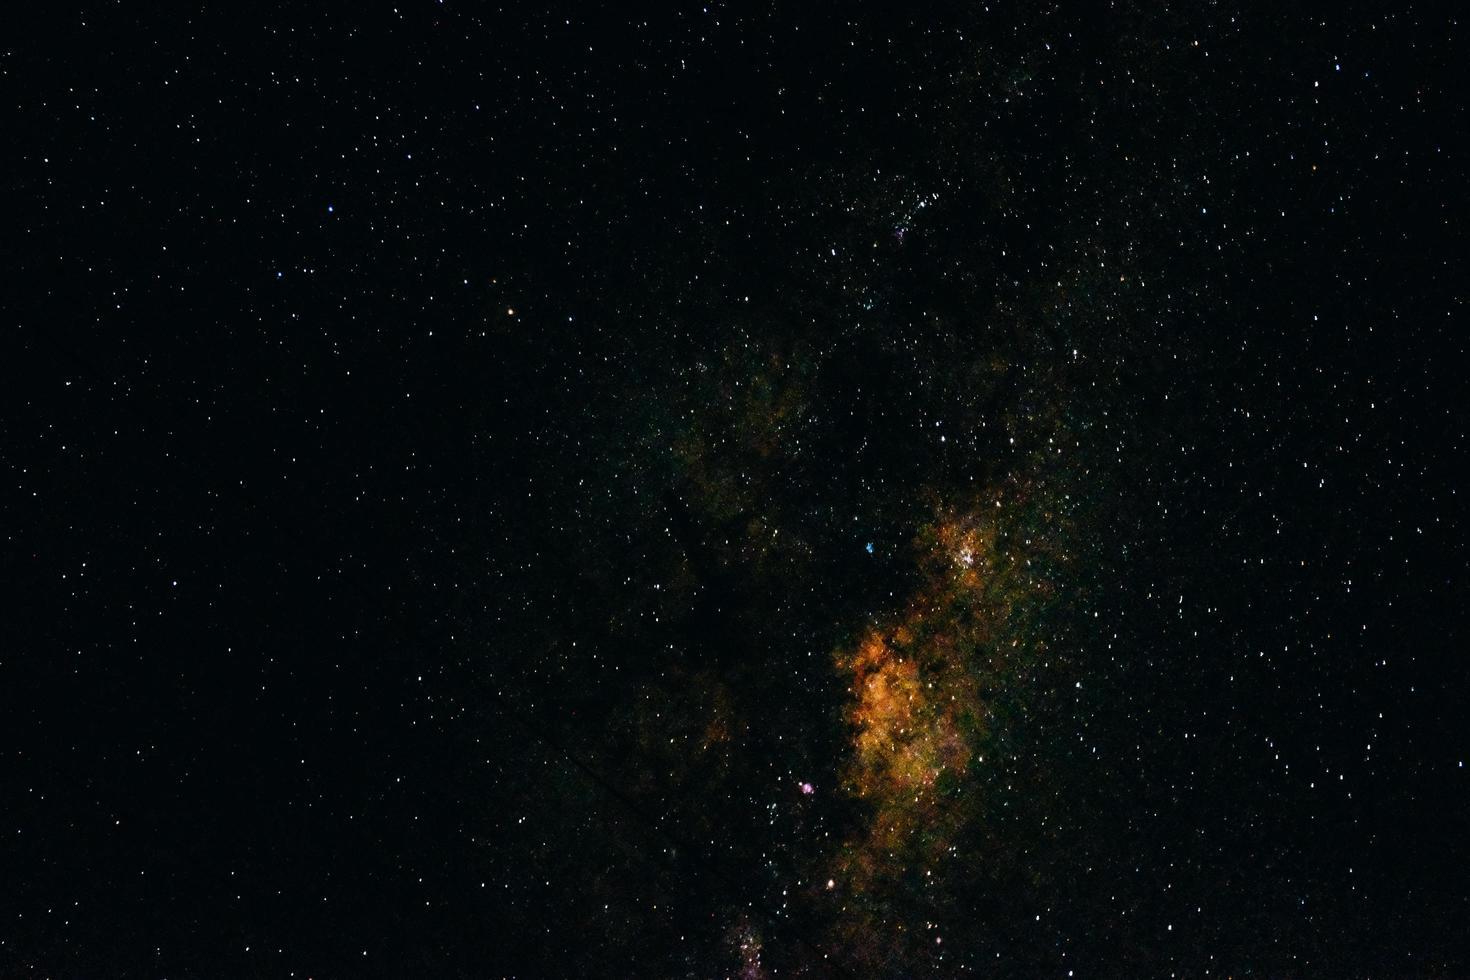 cielo notturno con stelle e galassia foto